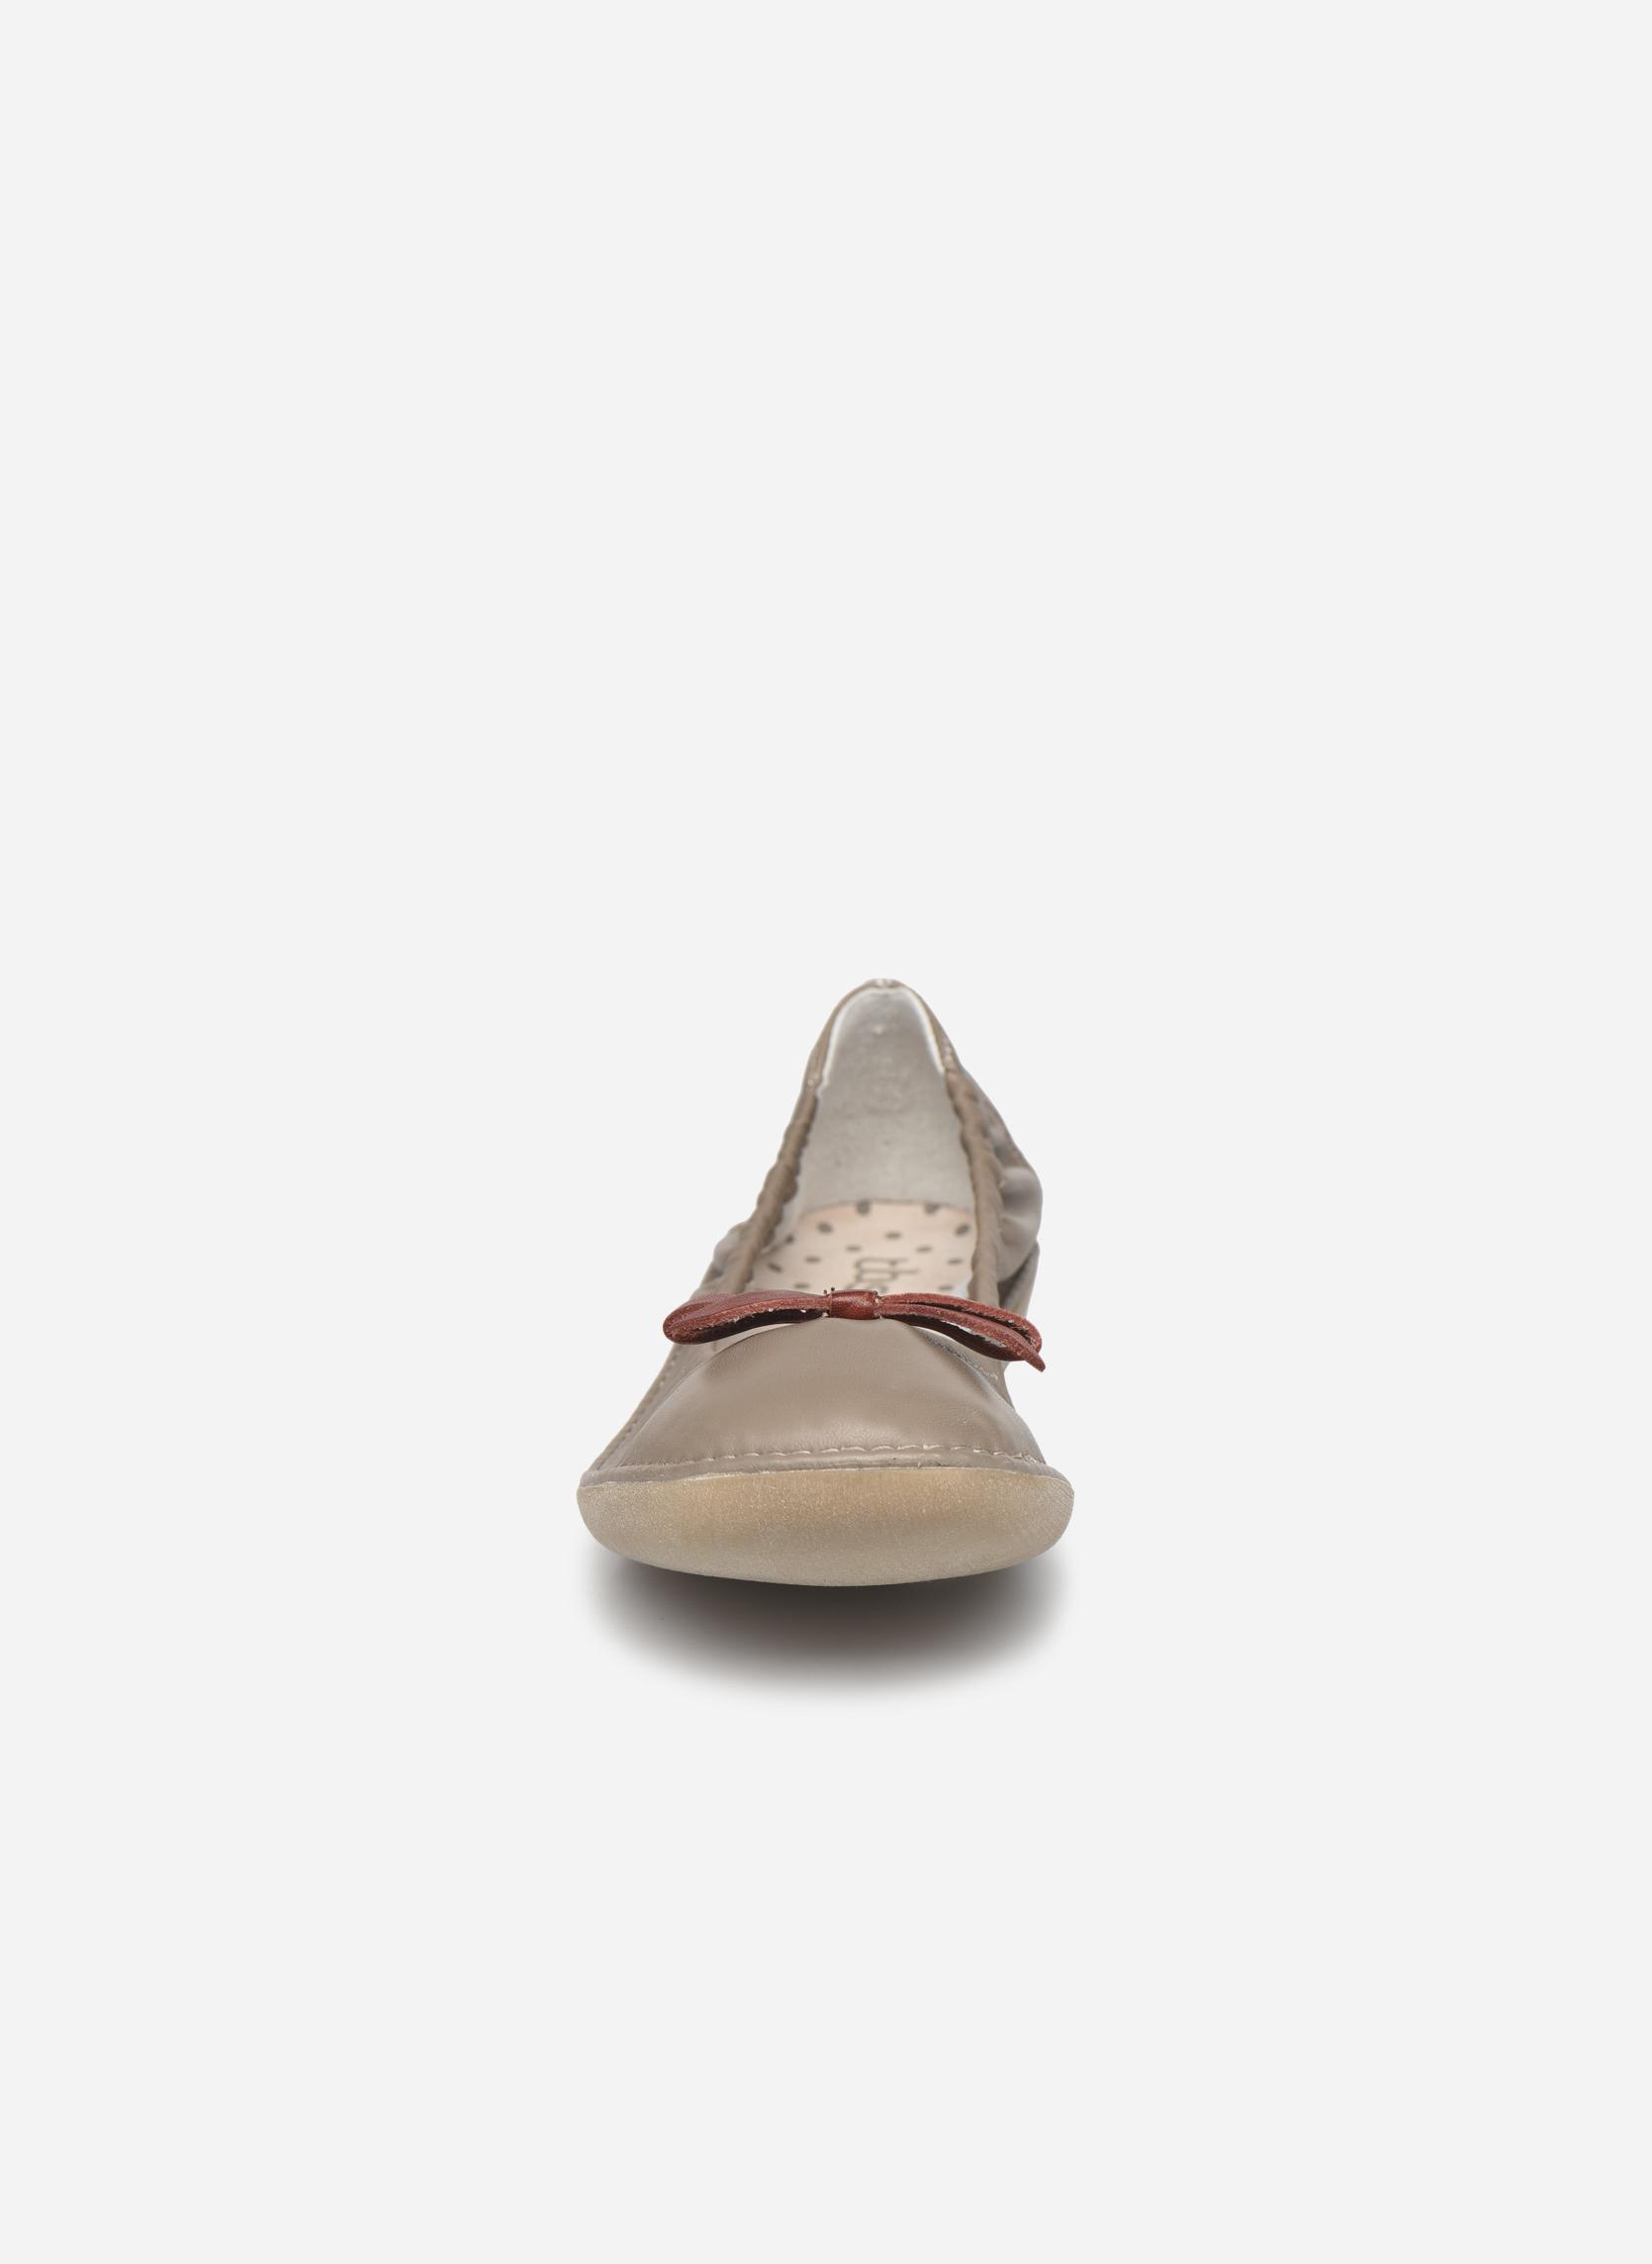 3e1d3bfd Zapatos promocionales TBS Macash (Beige) - Bailarinas Zapatos de mujer  baratos zapatos de mujer 013c50 - rotoruanz.es